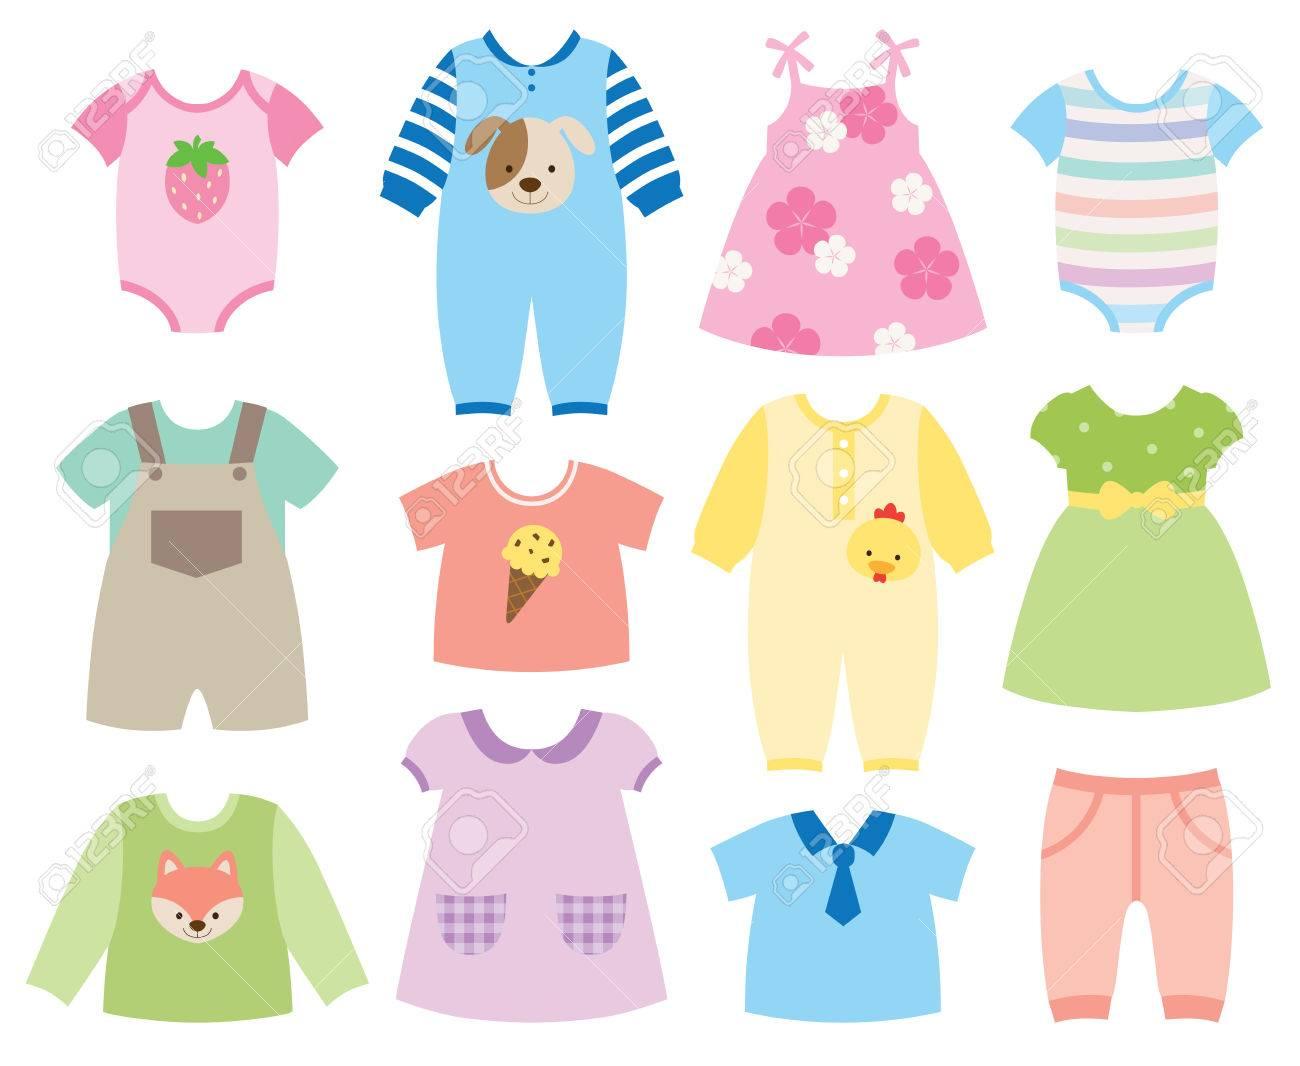 赤ちゃんや子供の服コレクションのベクター イラストですのイラスト